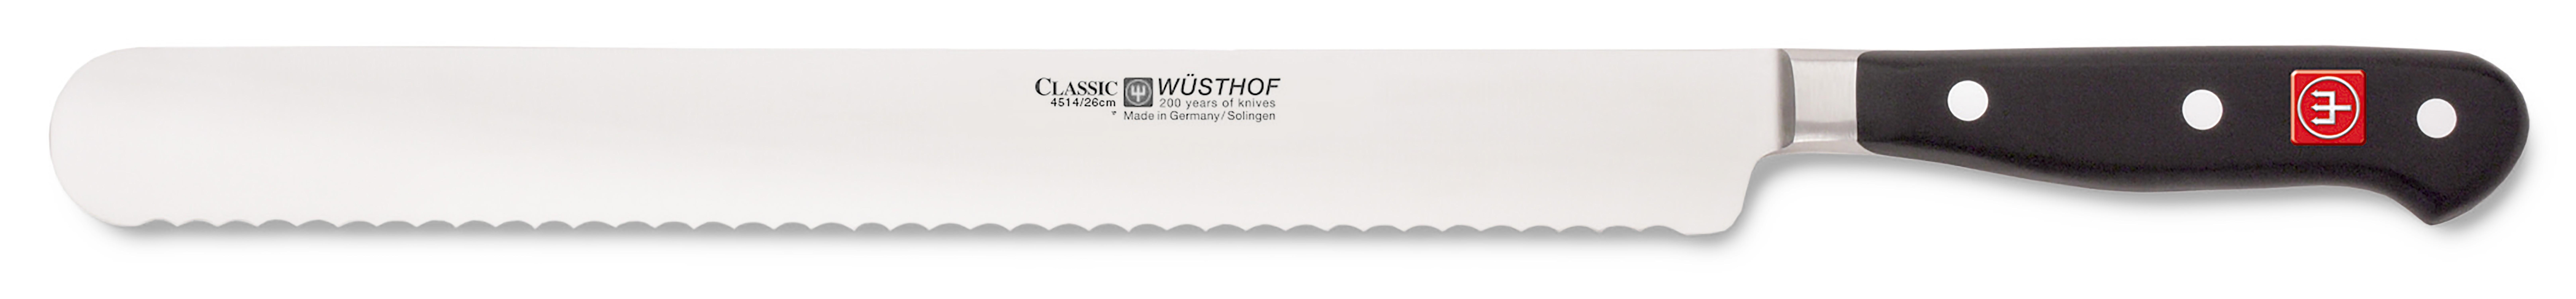 Wüsthof CLASSIC Konditormesser mit Wellenschliff 26cm